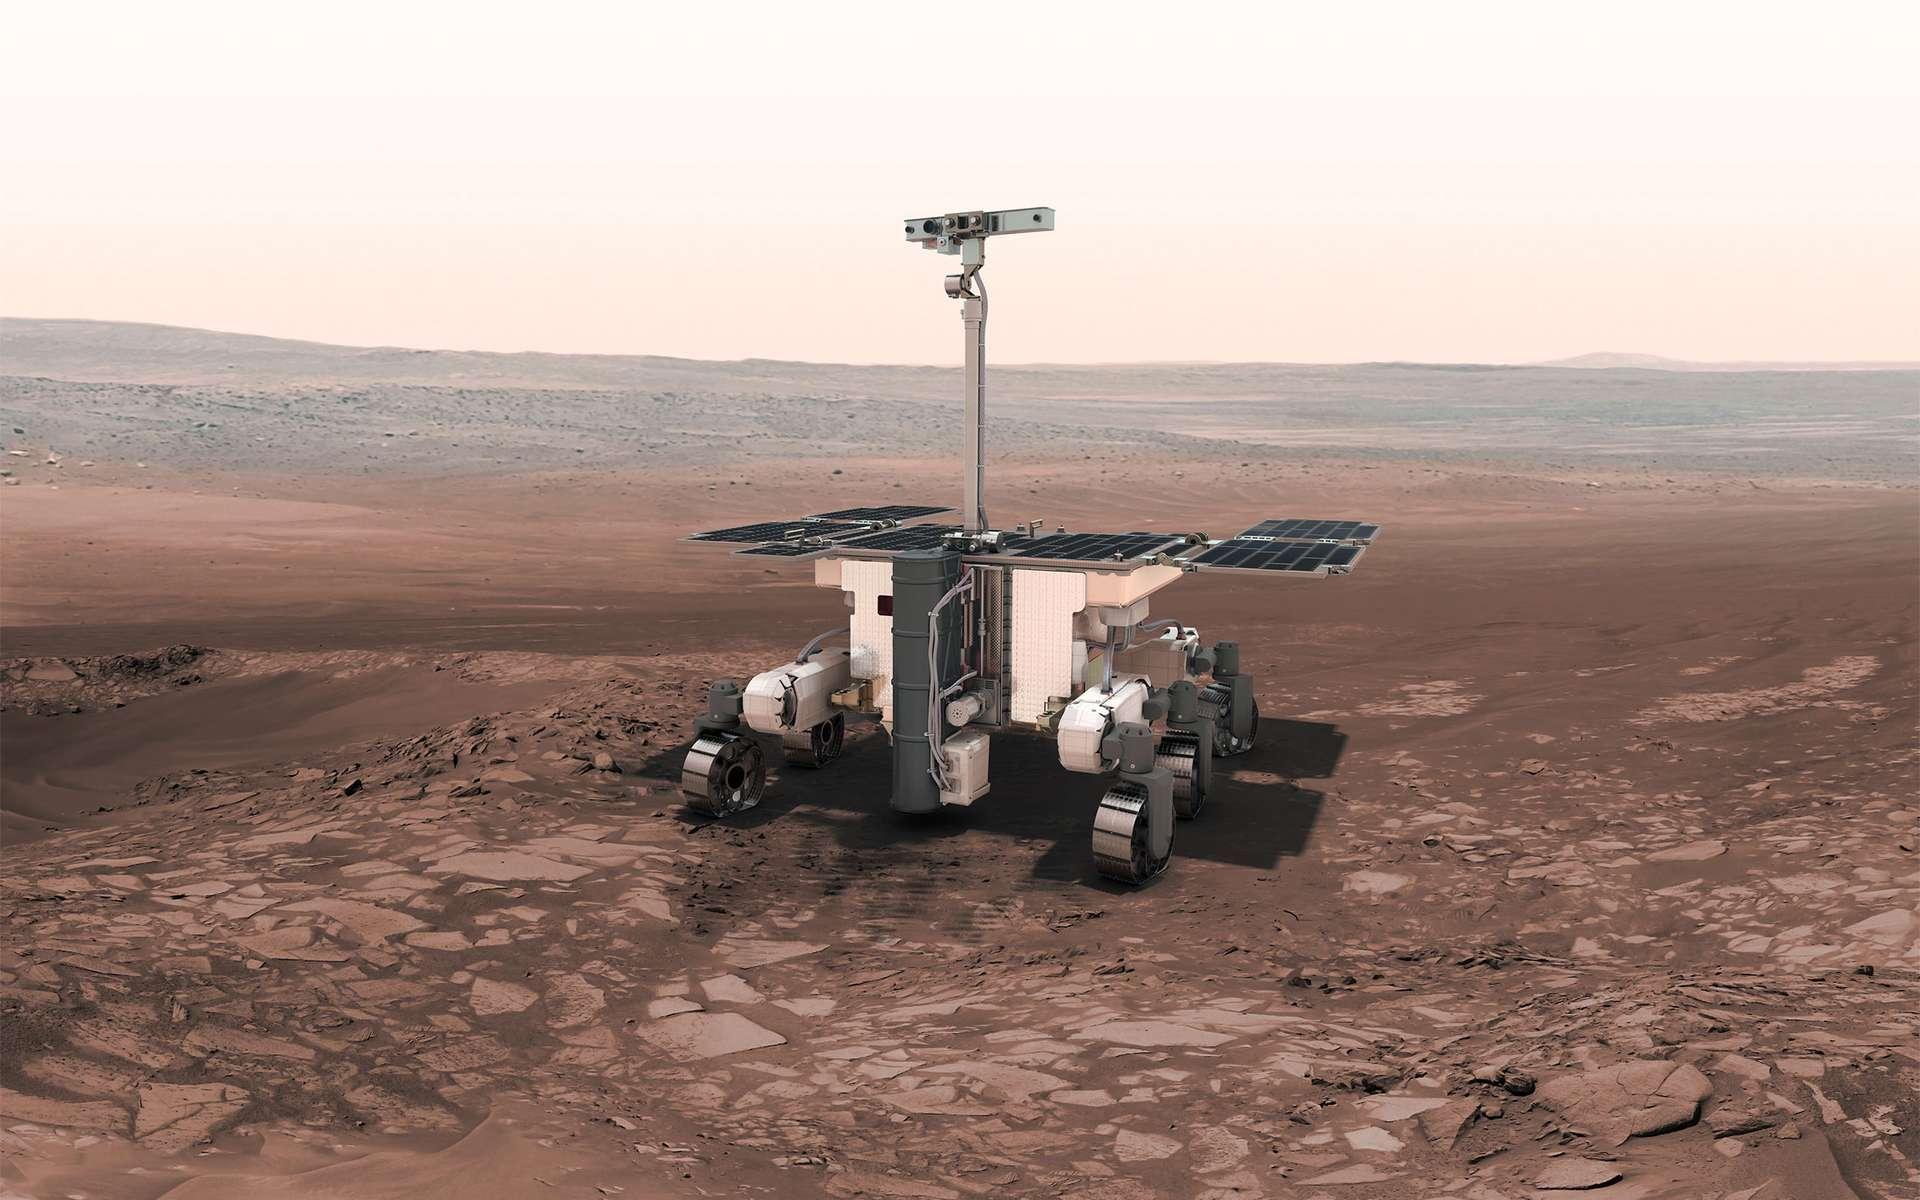 ExoMars et ses 300 kg ne se poseront sur Mars qu'en 2021. Ce report de deux ans ne remet pas en cause les objectifs scientifiques de la mission qui devraient nous aider à mieux comprendre l'apparition de la vie sur Terre il y a quatre milliards d'années, période à laquelle Mars s'est éteinte. © Agence spatiale européenne